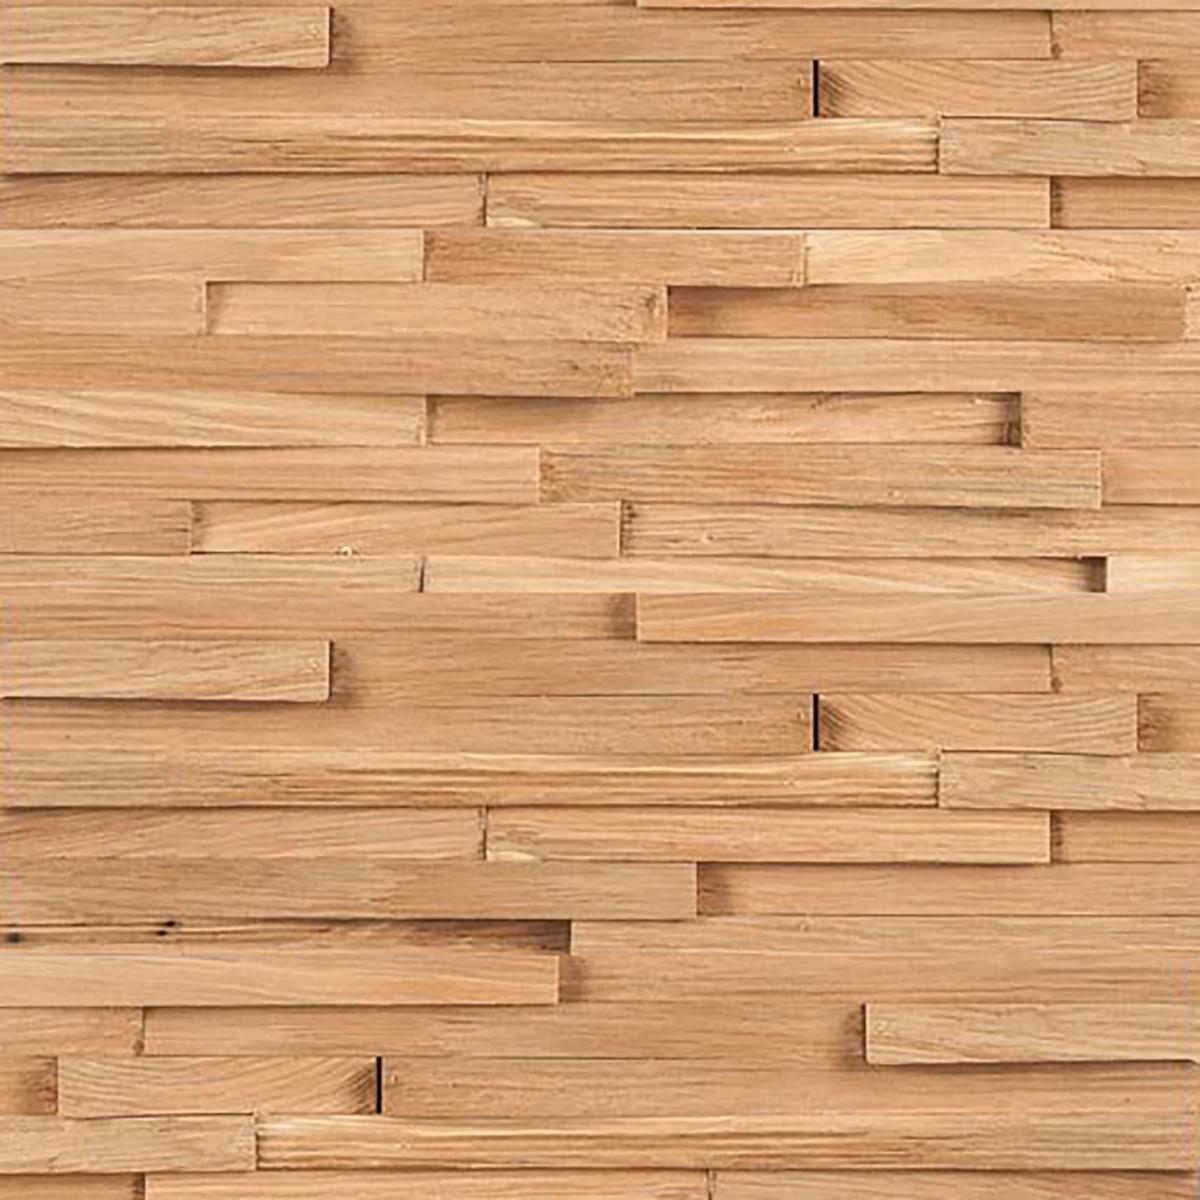 panneaux d coratifs en bois trail 15 ch ne. Black Bedroom Furniture Sets. Home Design Ideas